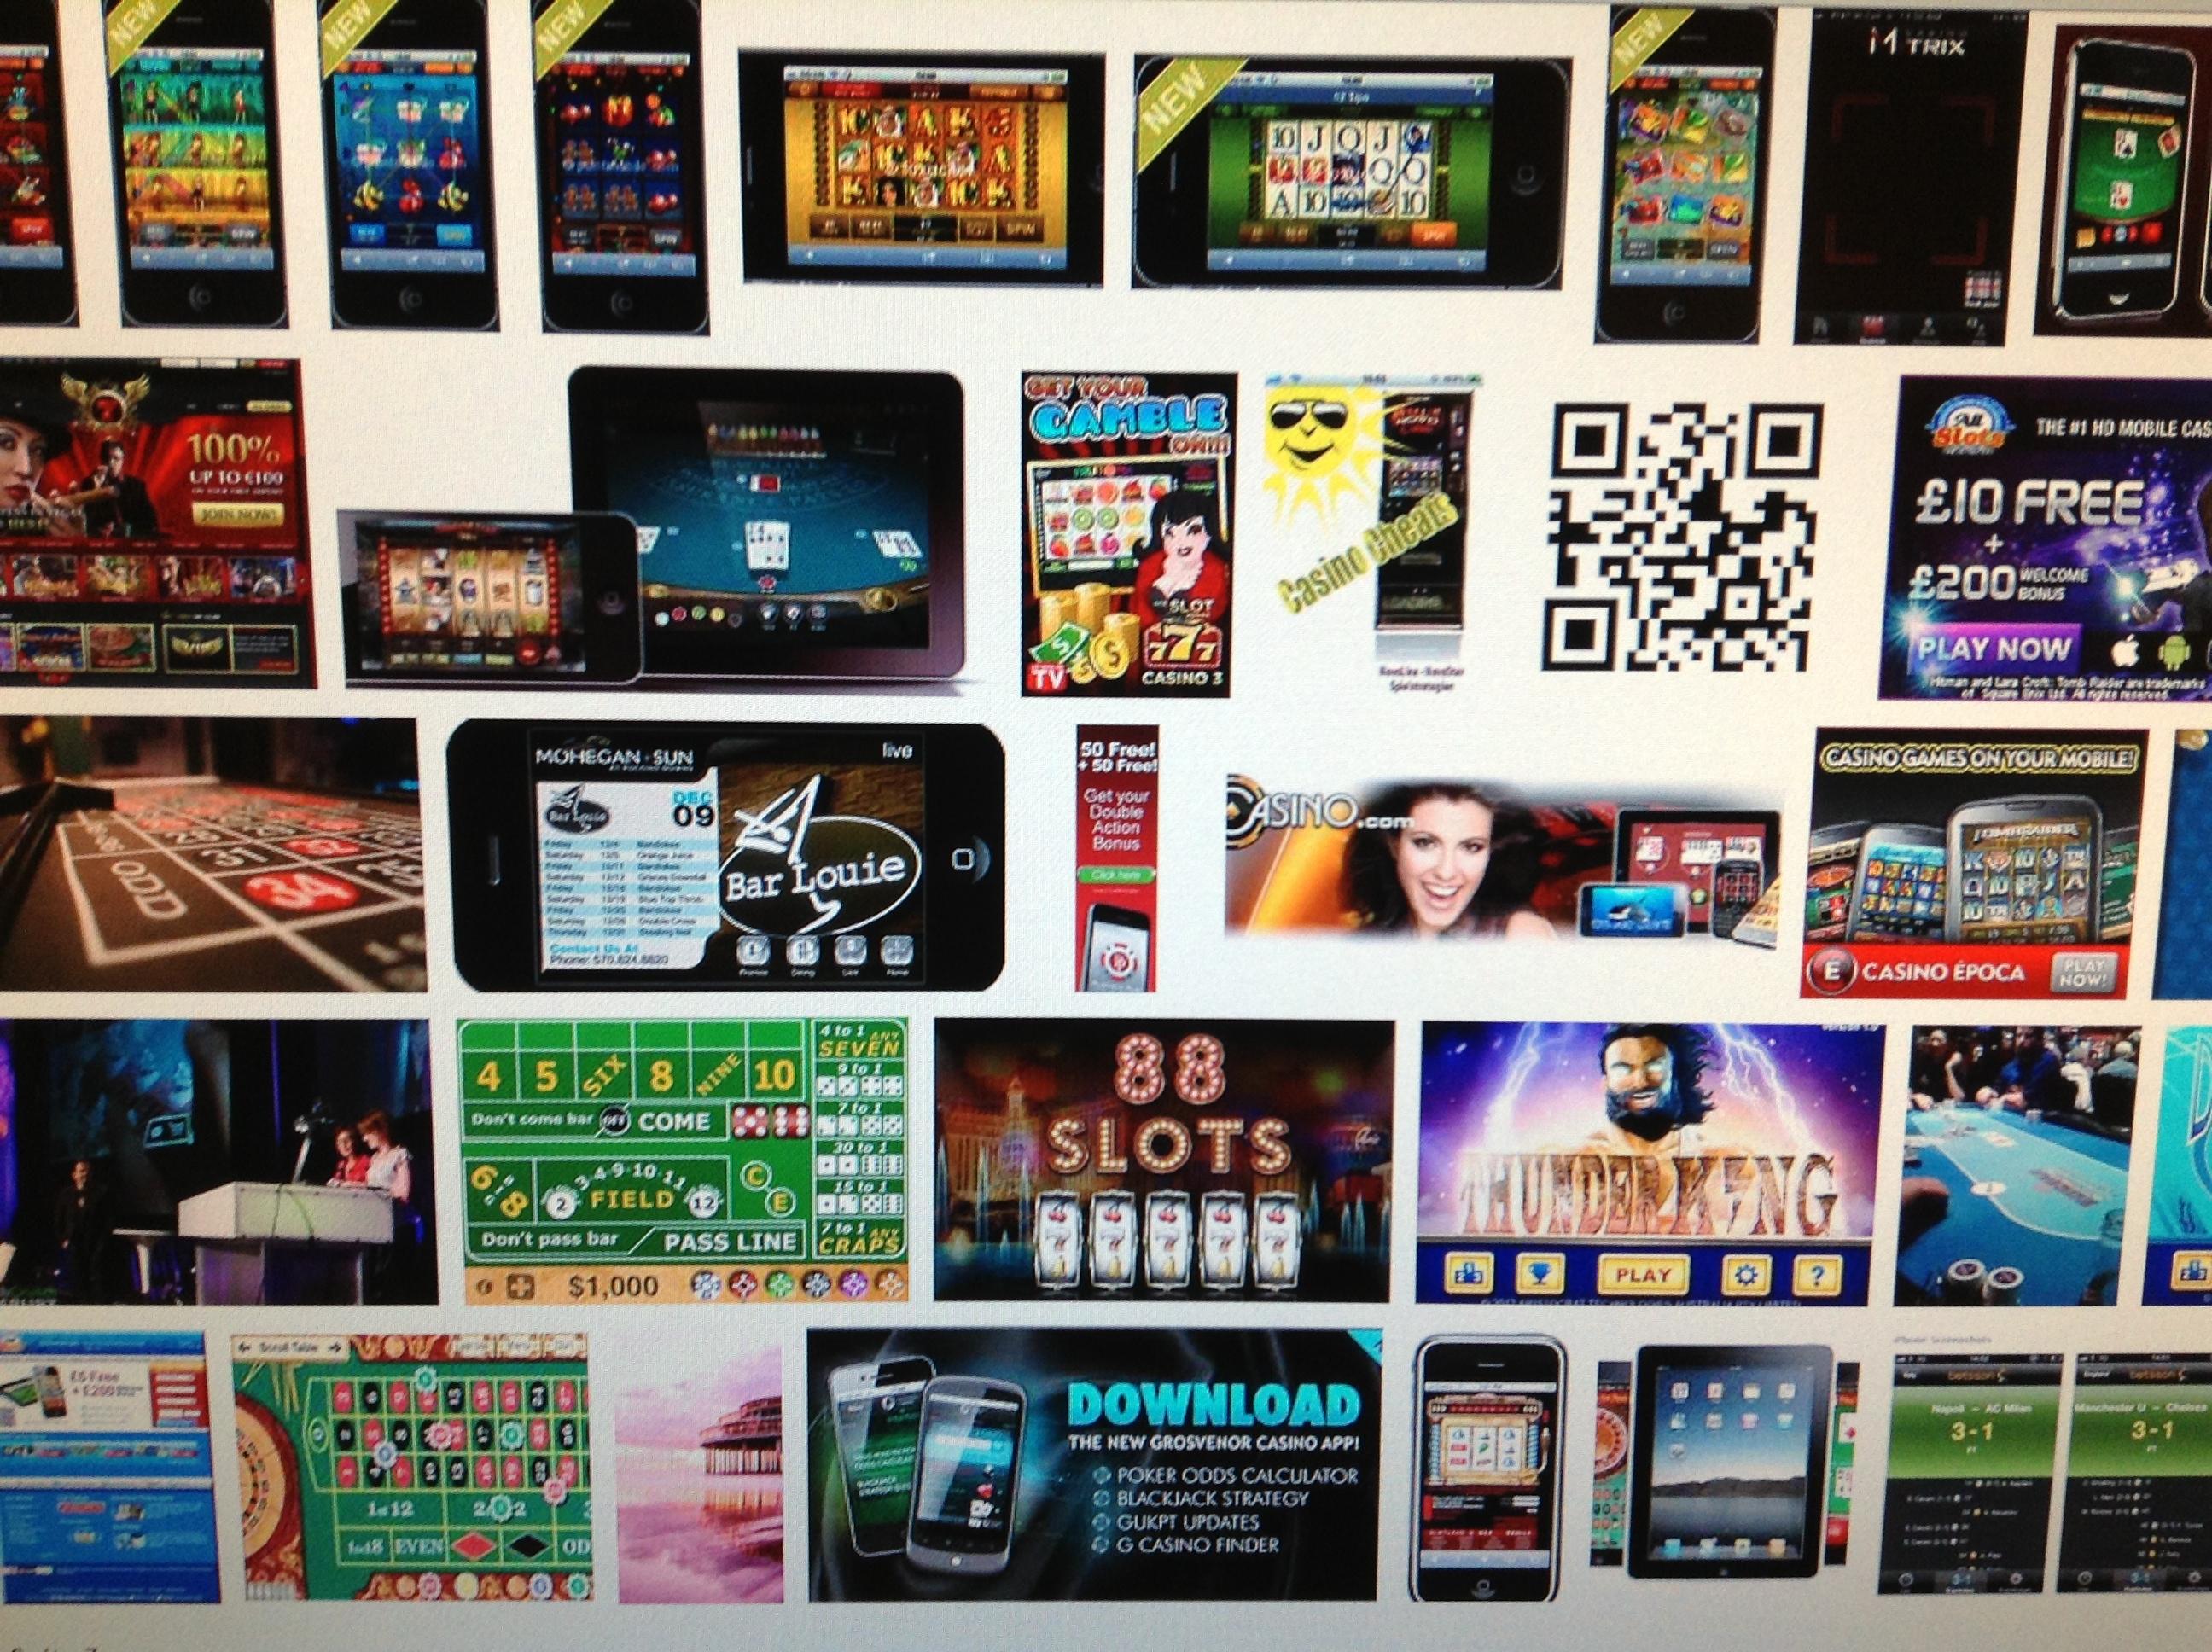 casino austria online spielen slots spiele kostenlos